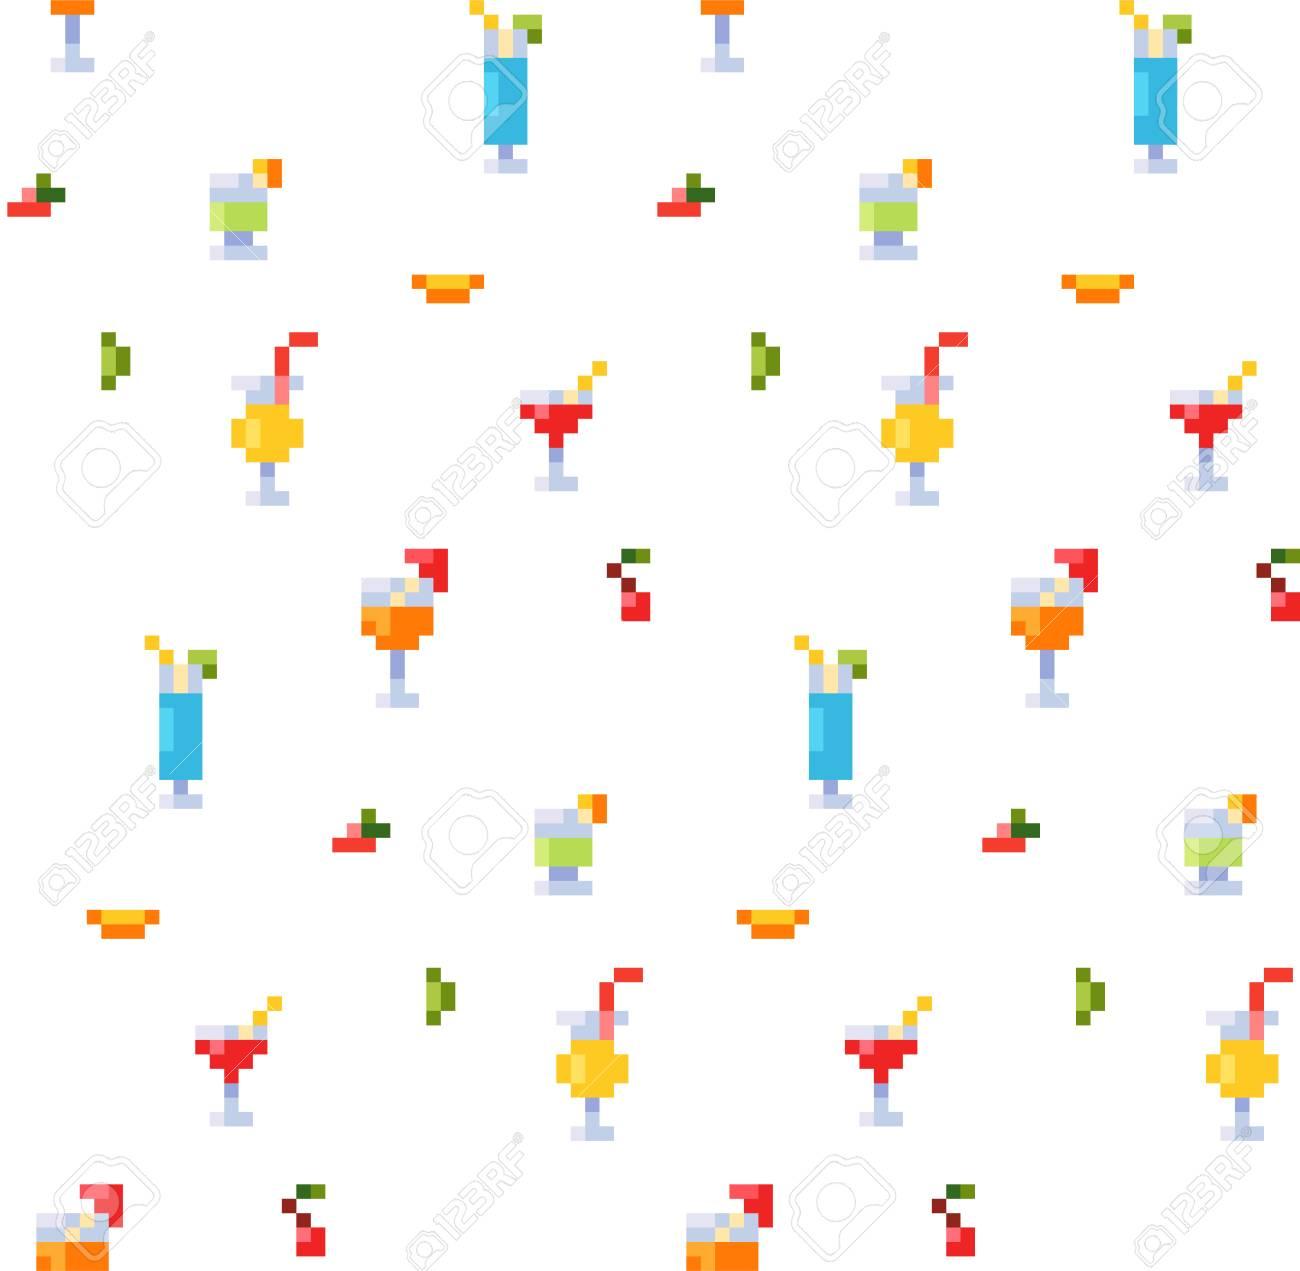 Pixel Art Style De Style De Glace Et D 39 Eau Boissons Alcoolisées Et Pommes De Terre Transparente